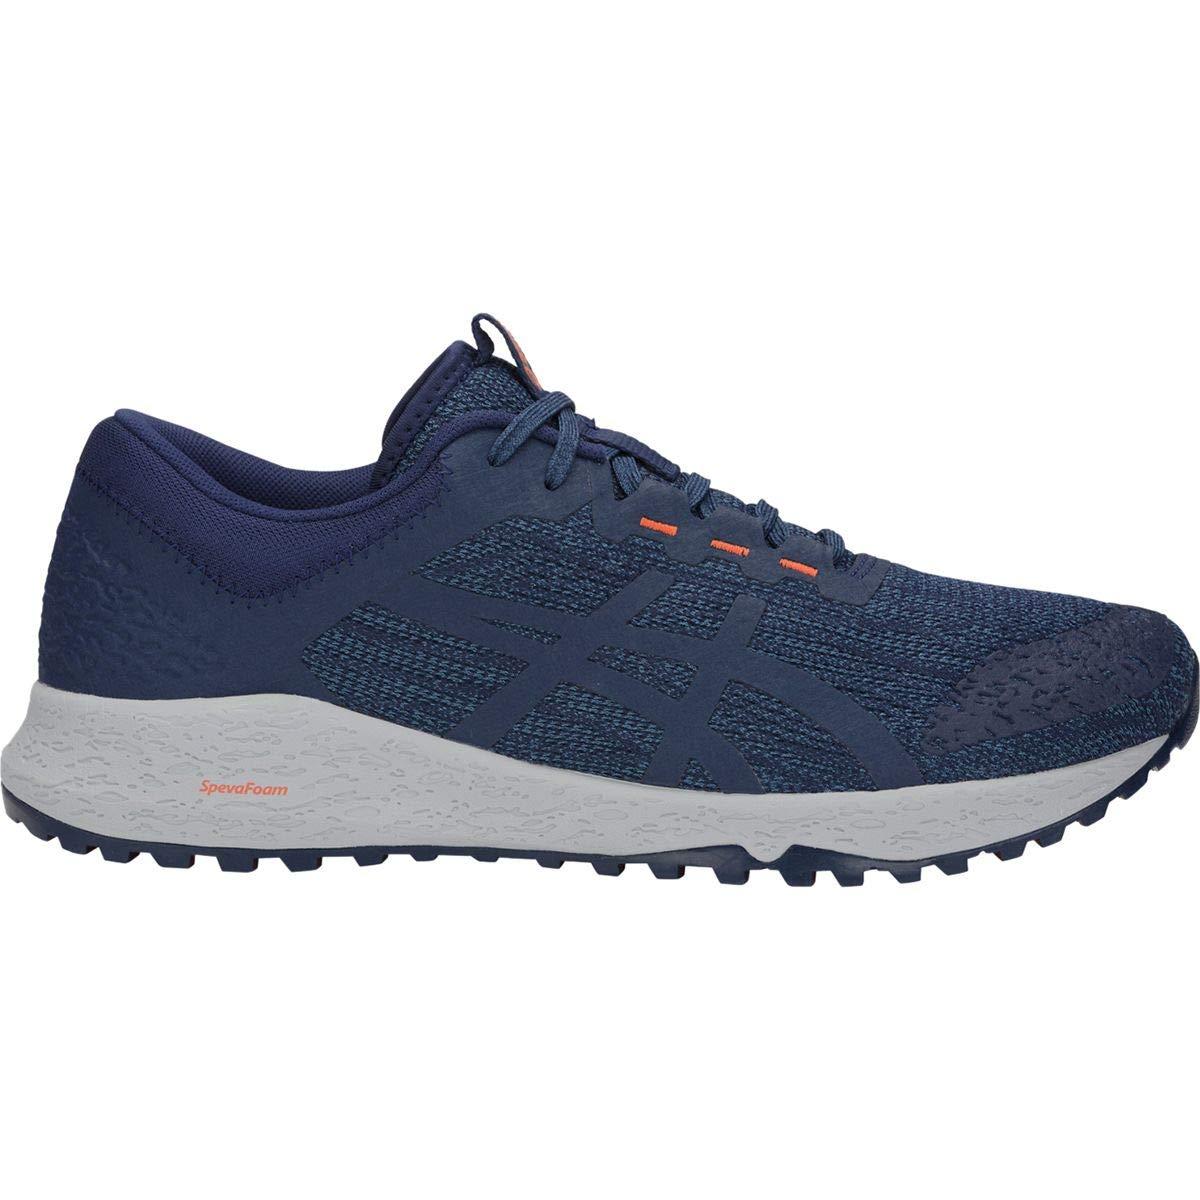 正規代理店 [アシックス] メンズ ランニング B07P1RZCRN ランニング Alpine XT Trail Running Shoe [並行輸入品] [並行輸入品] B07P1RZCRN 11, オフィス家具のアクティブキュー:e75dcb29 --- digitalmantraacademy.com